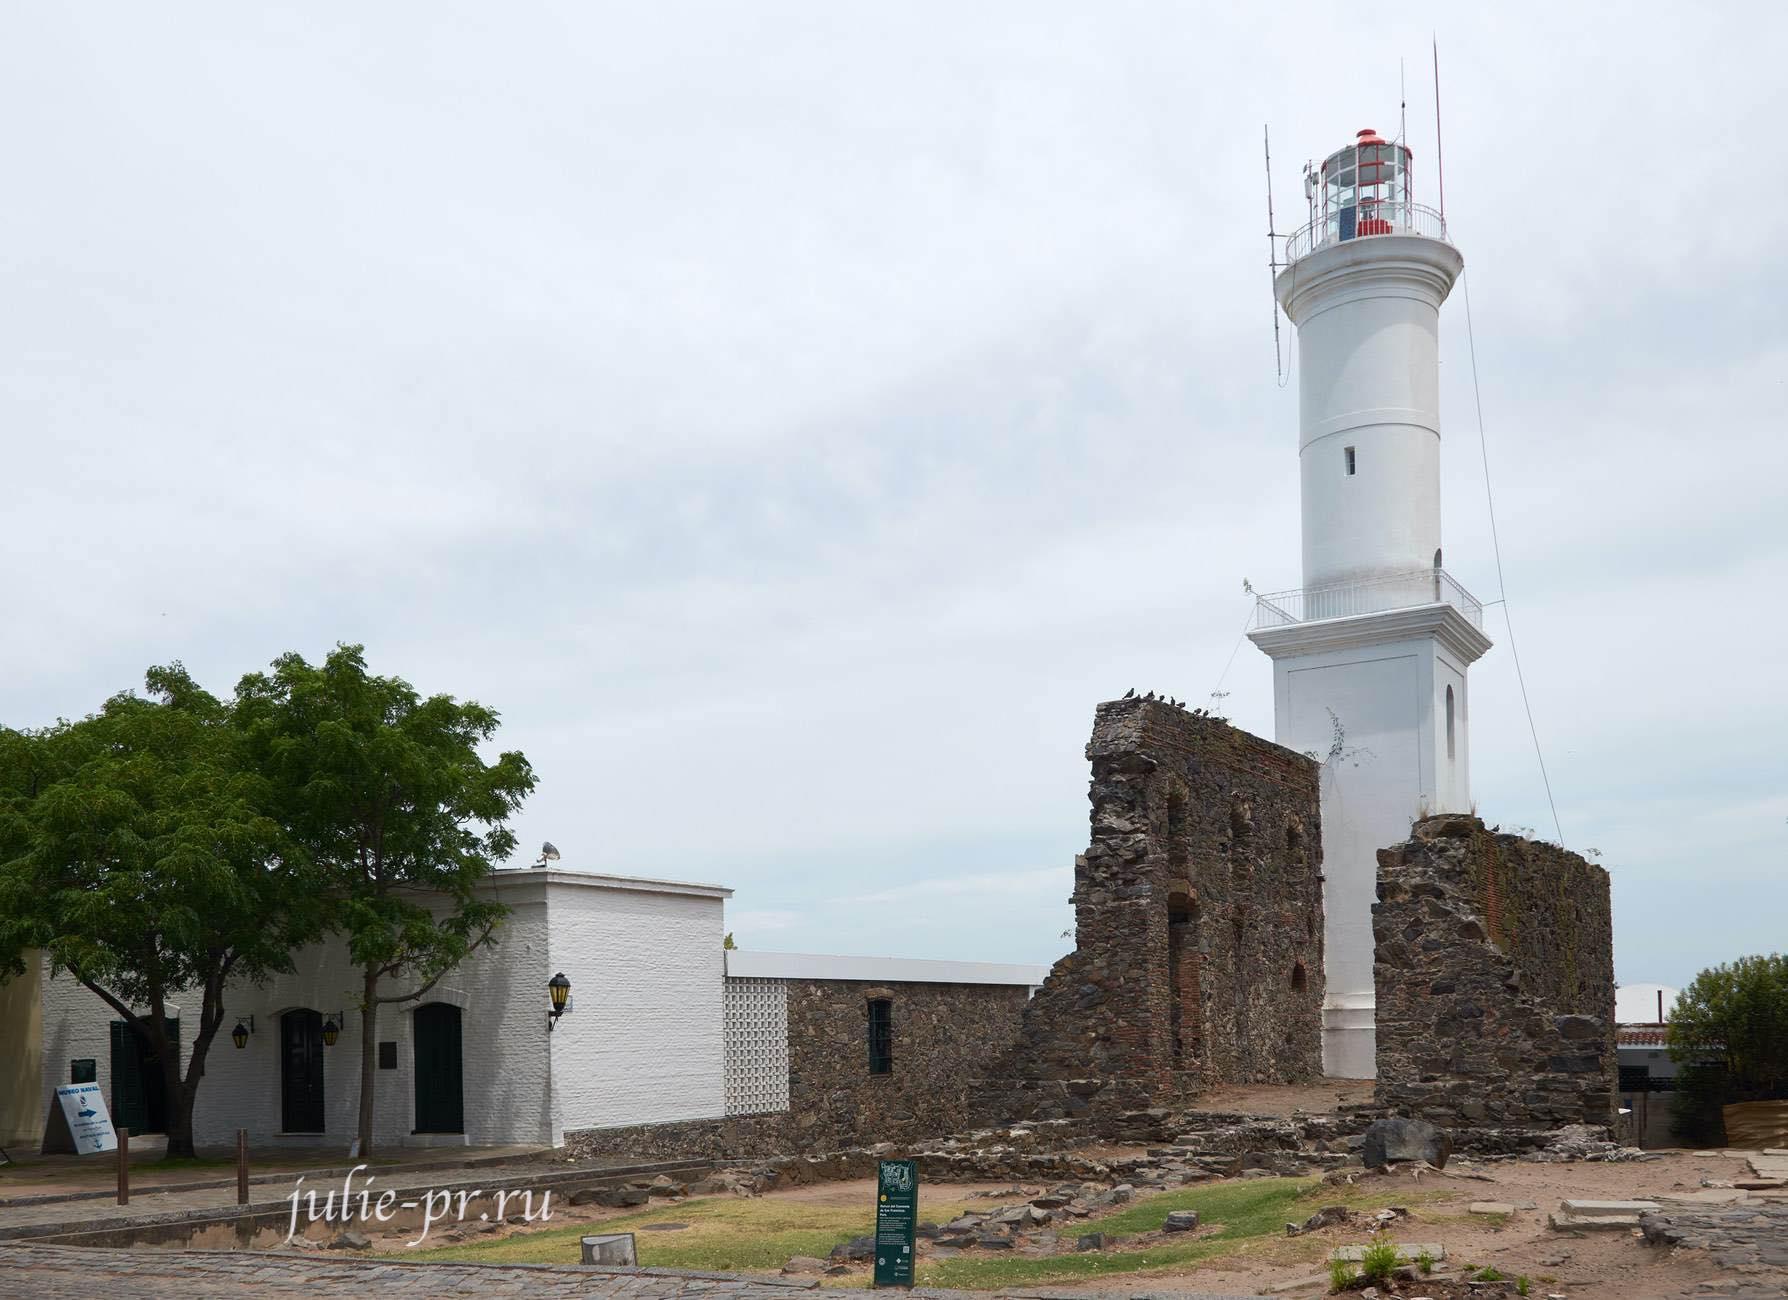 Уругвай, Колония-дель-Сакраменто, маяк